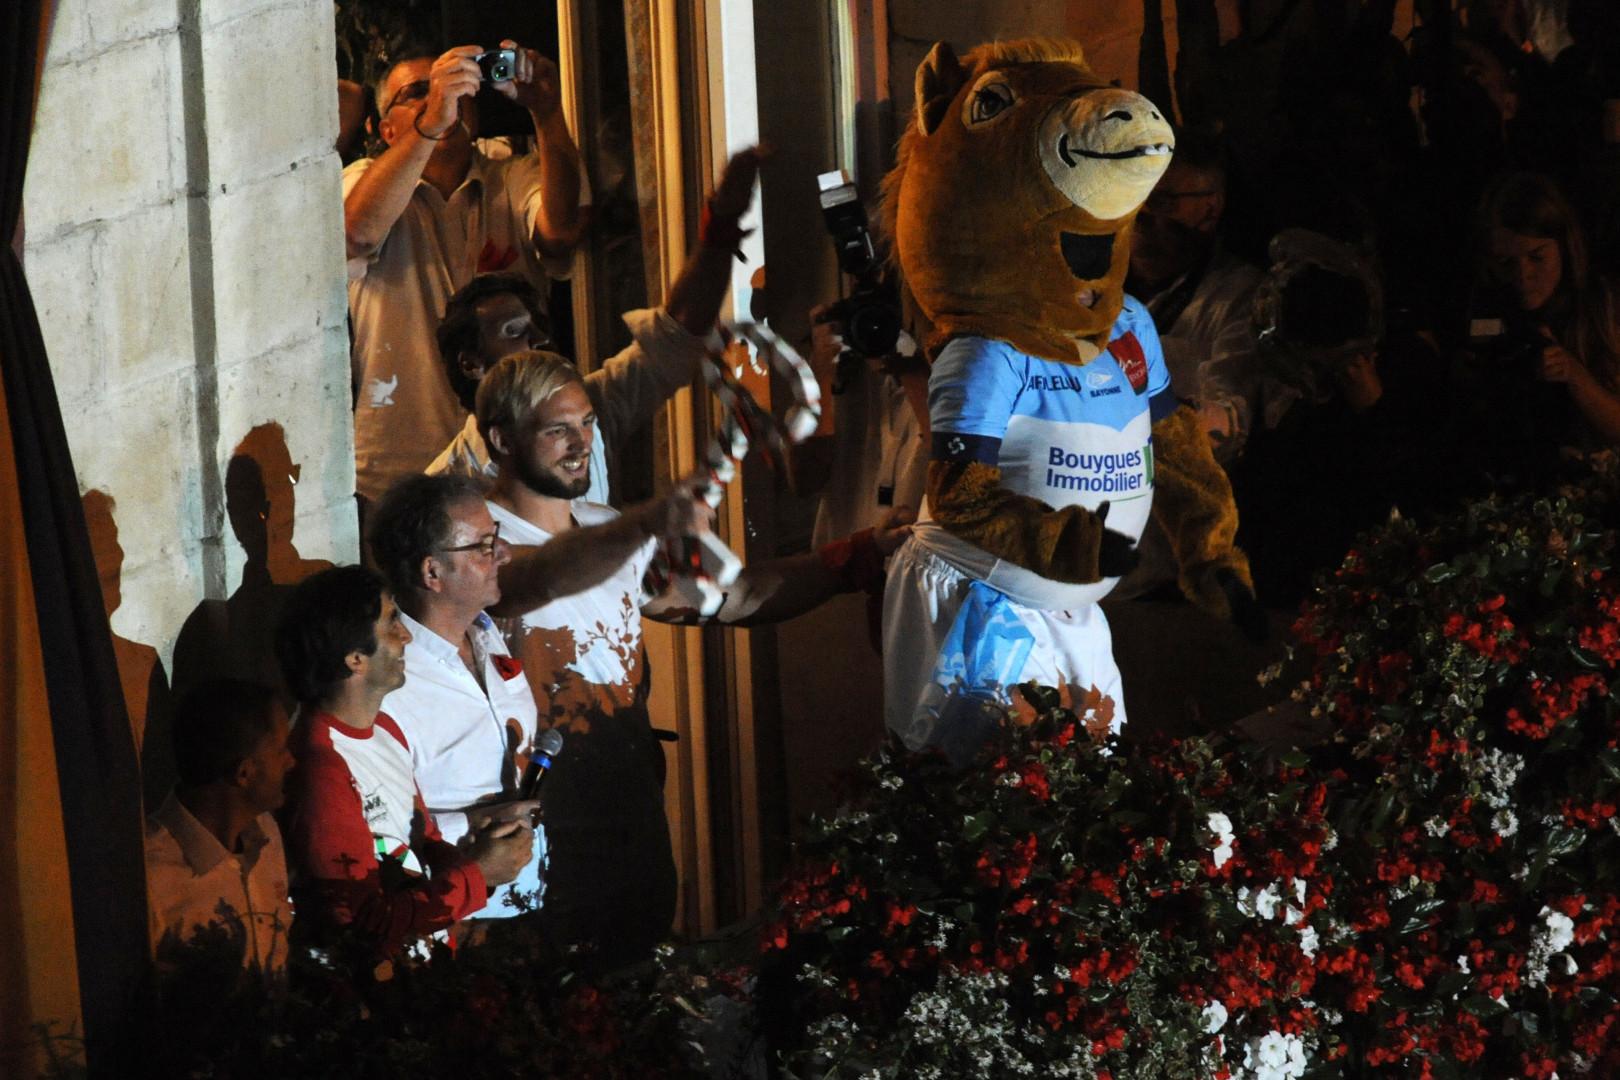 Pour ouvrir les festivités, les clés de la ville de Bayonne sont jetées dans la foule